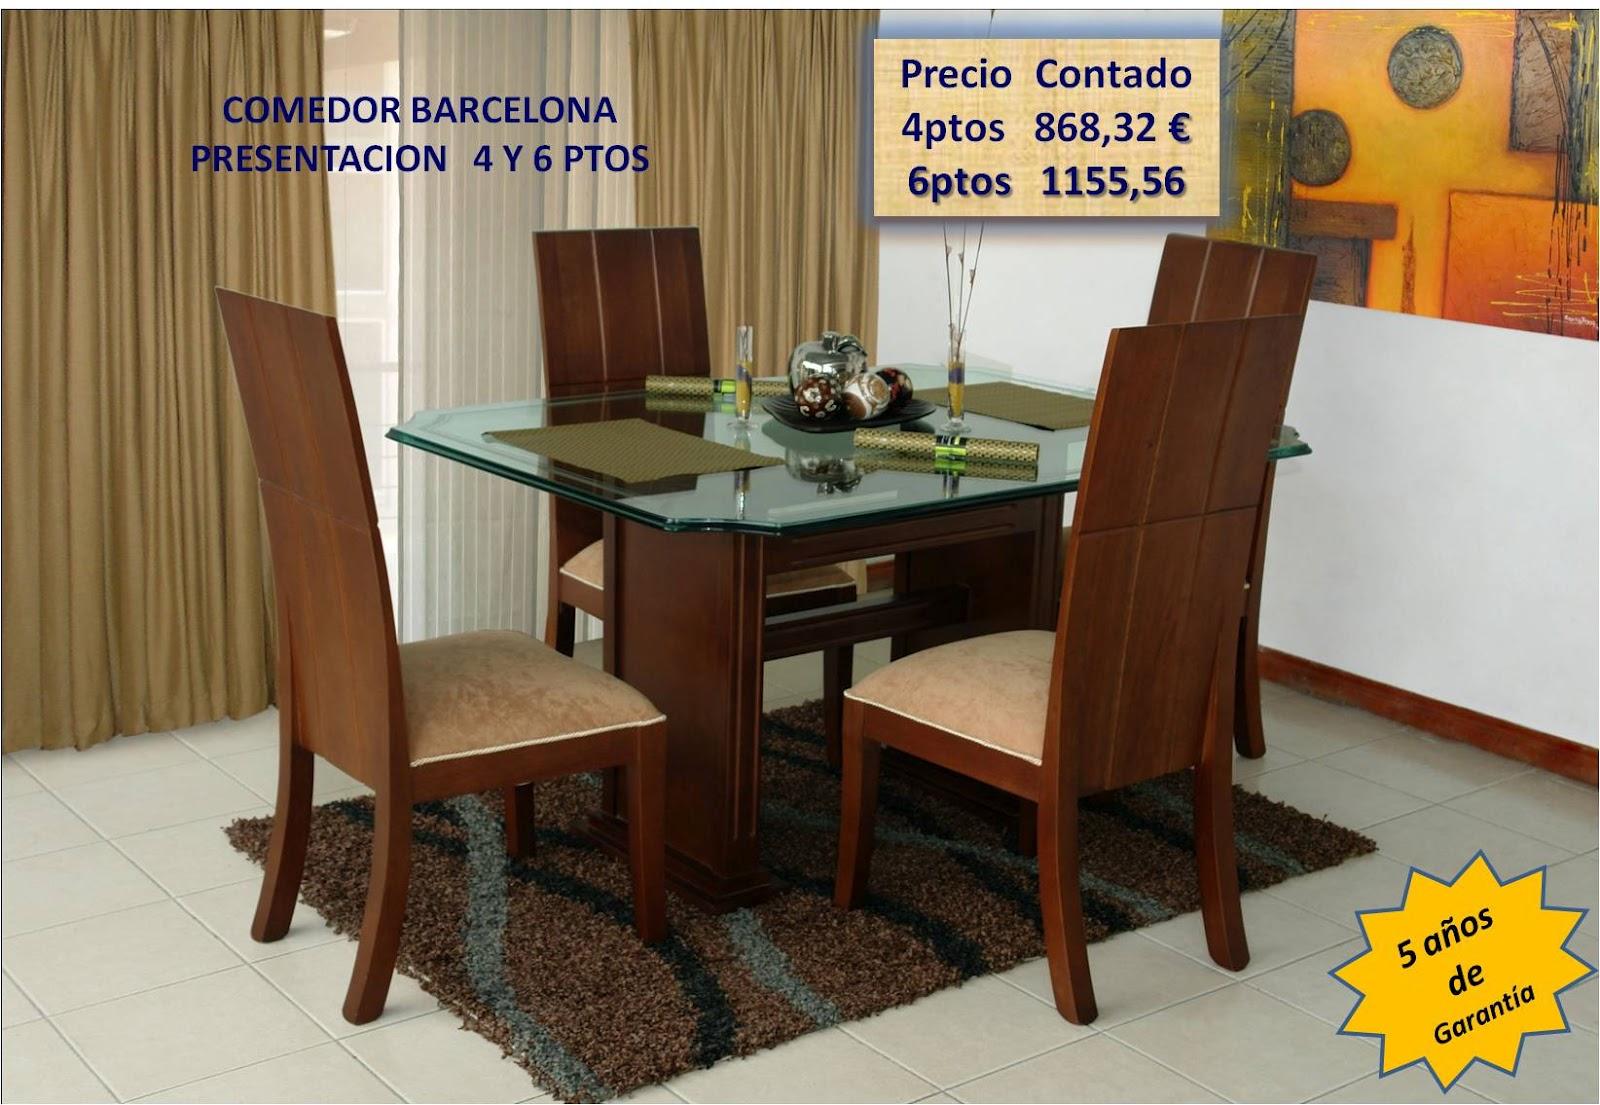 Muebles para colombia ibg madrid - Comedor barcelona ...